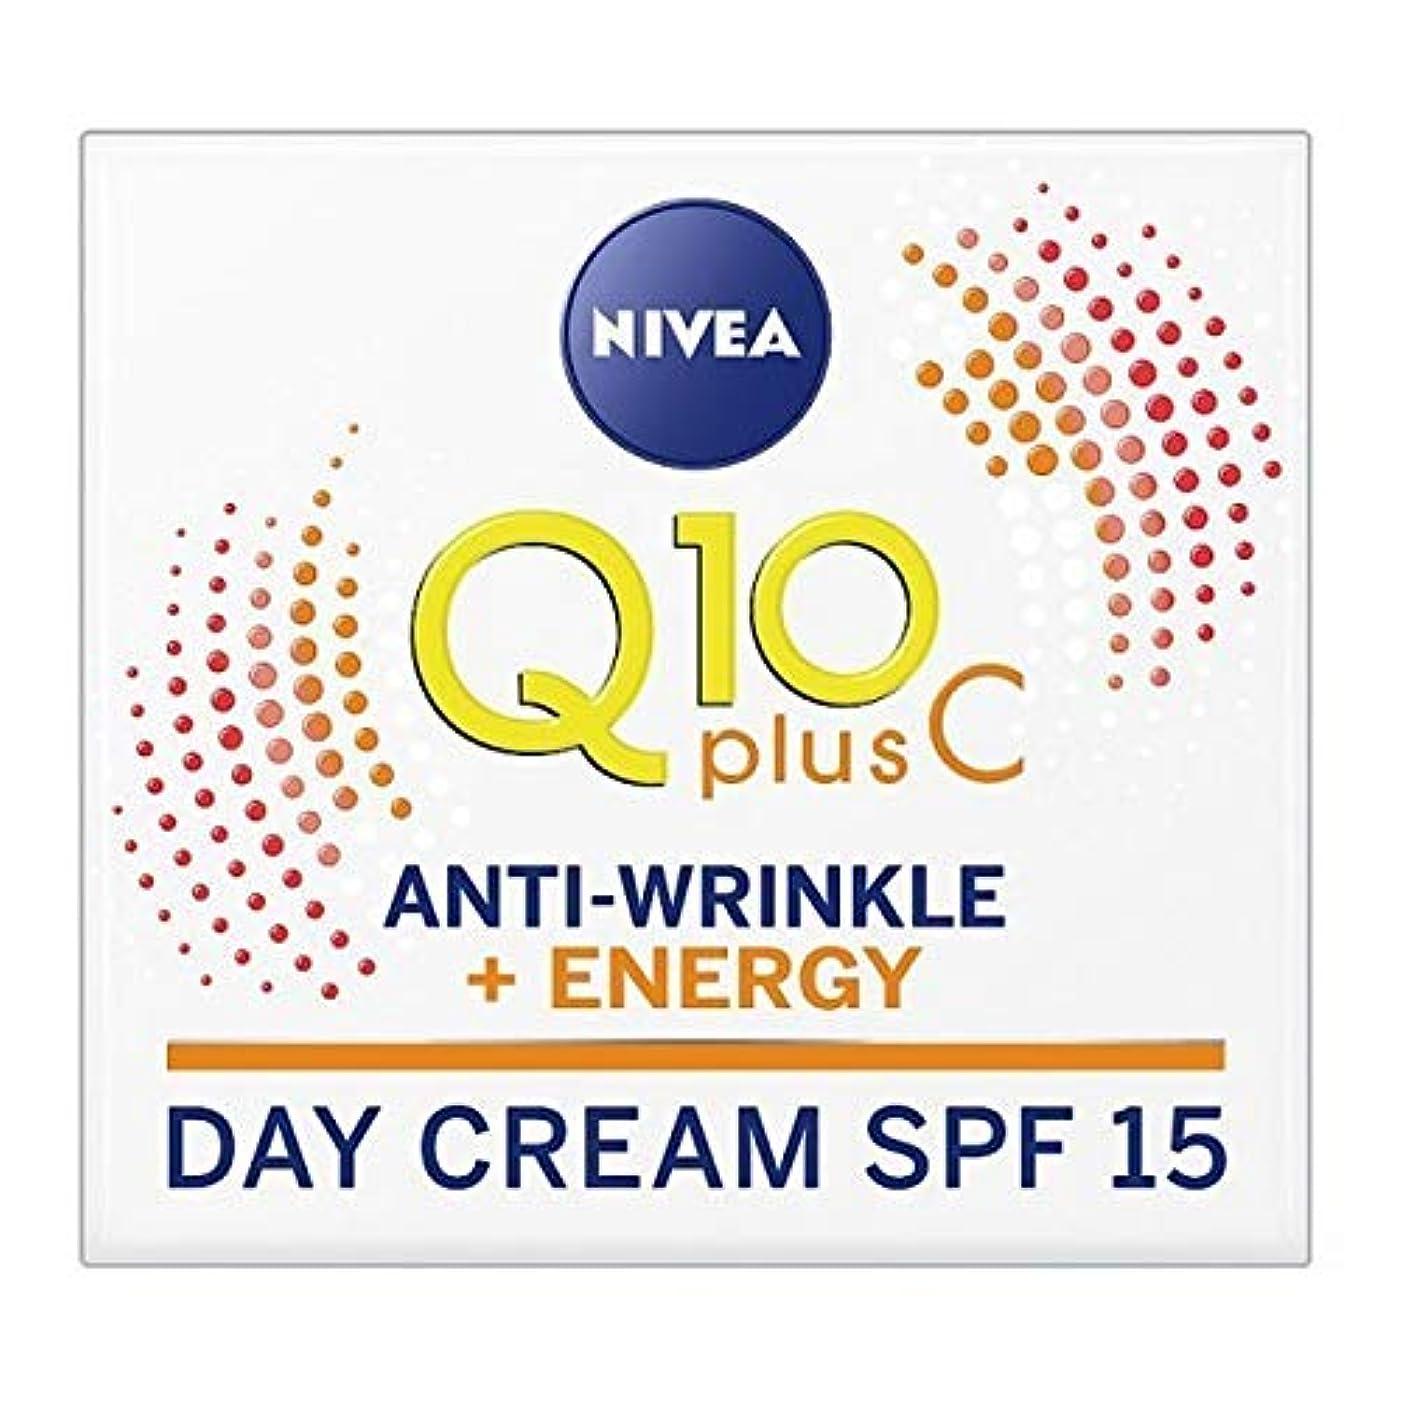 無人違う発行する[Nivea ] ニベアのQ10、ビタミンC抗シワエネルギーフェイスクリームSpf 15 - NIVEA Q10 Vitamin C Anti-Wrinkle Energy Face Cream SPF 15 [並行輸入品]